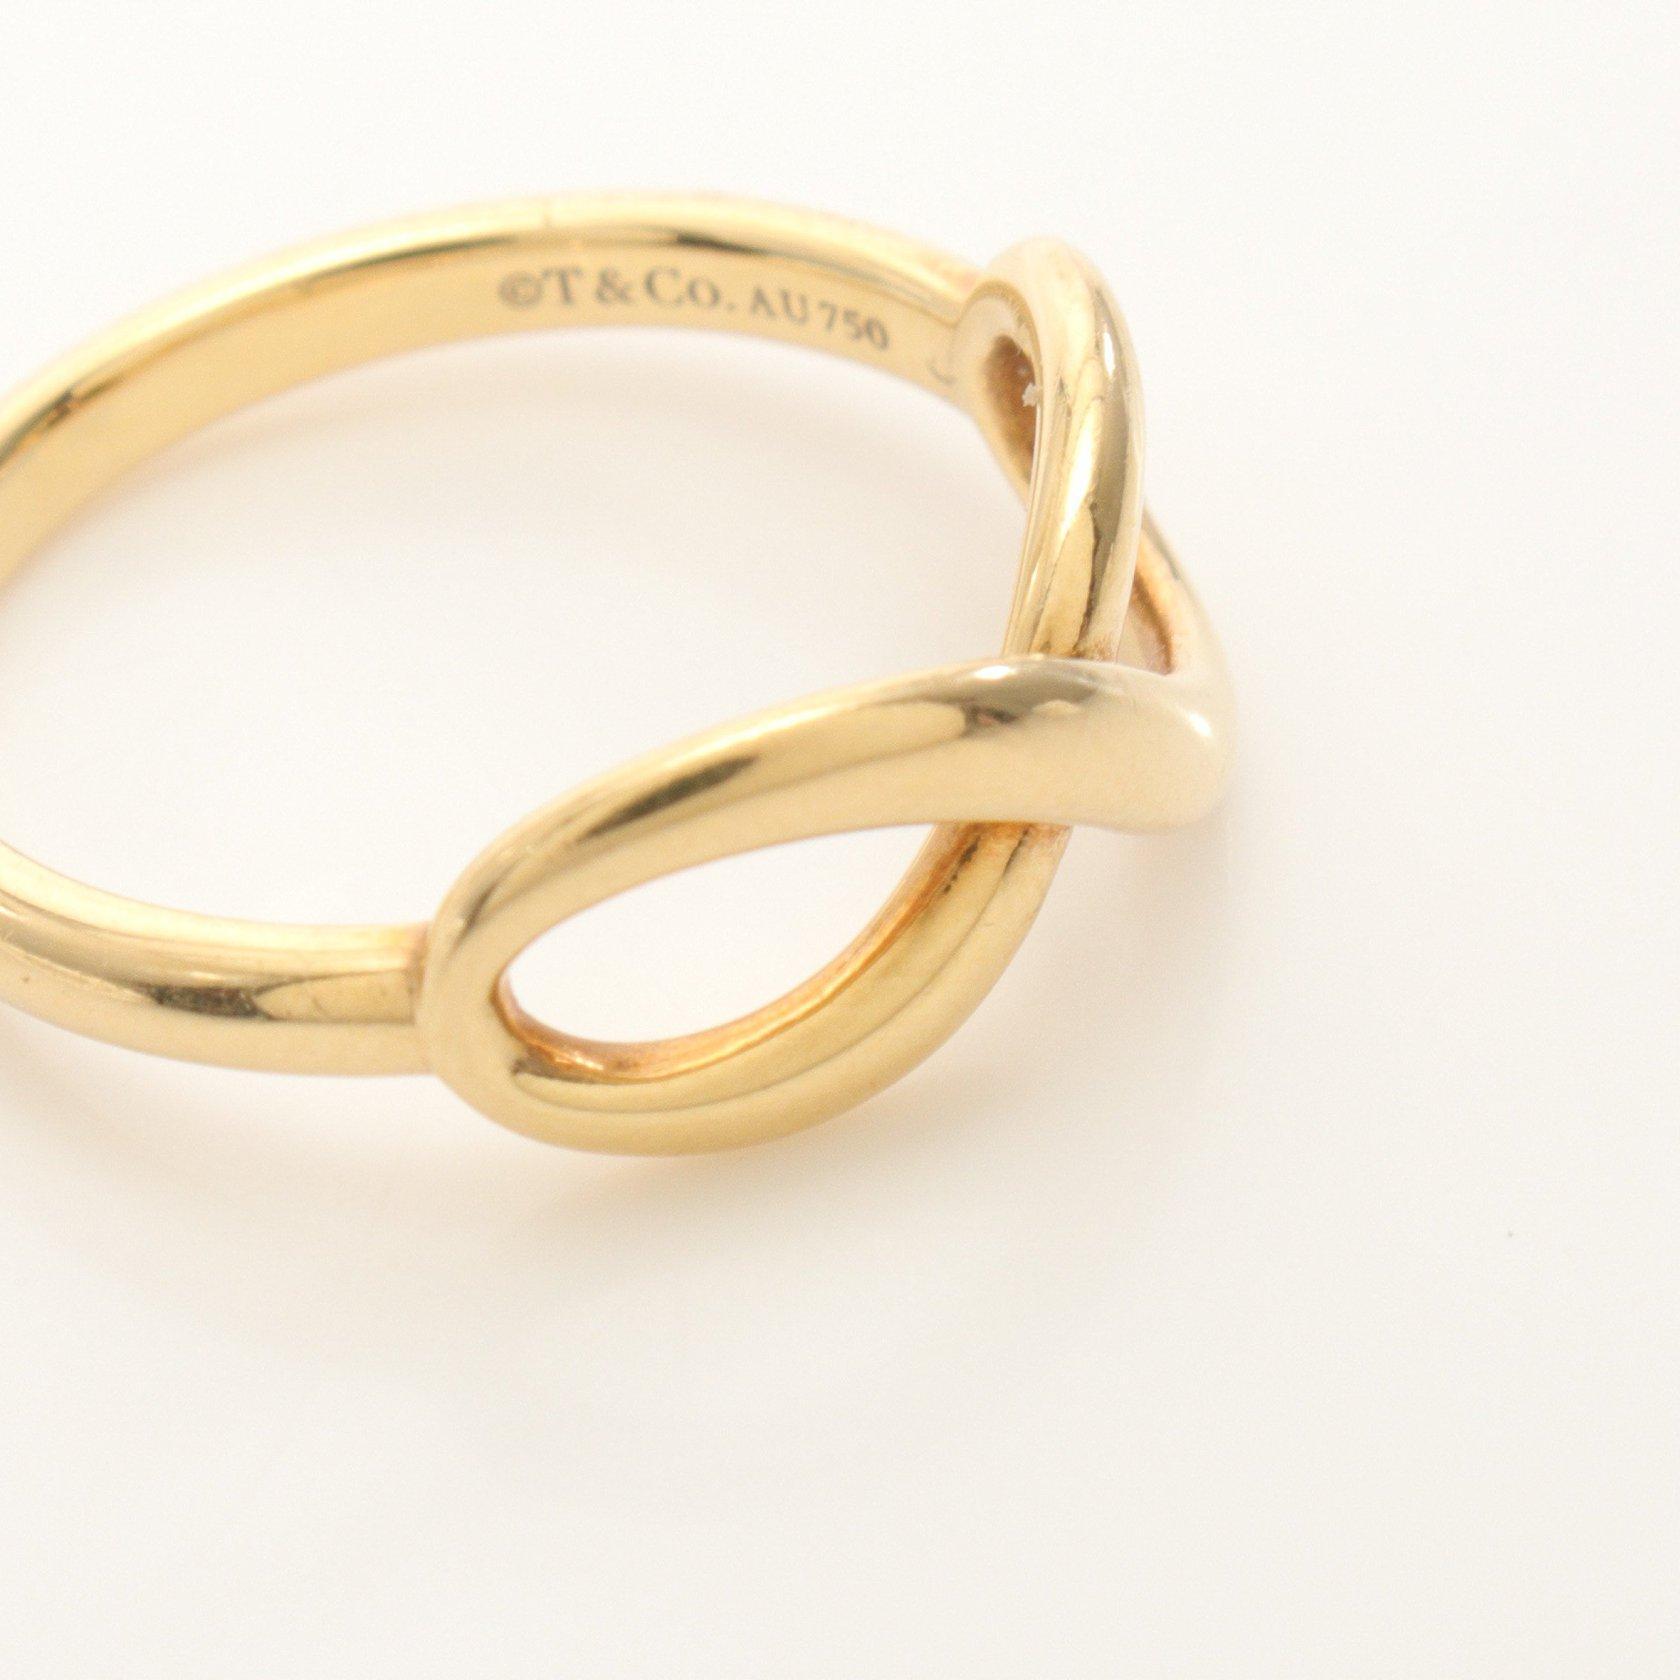 TIFFANY & Co.・アクセサリー・INFINITY インフィニティ リング 指輪 K18YG イエローゴールド